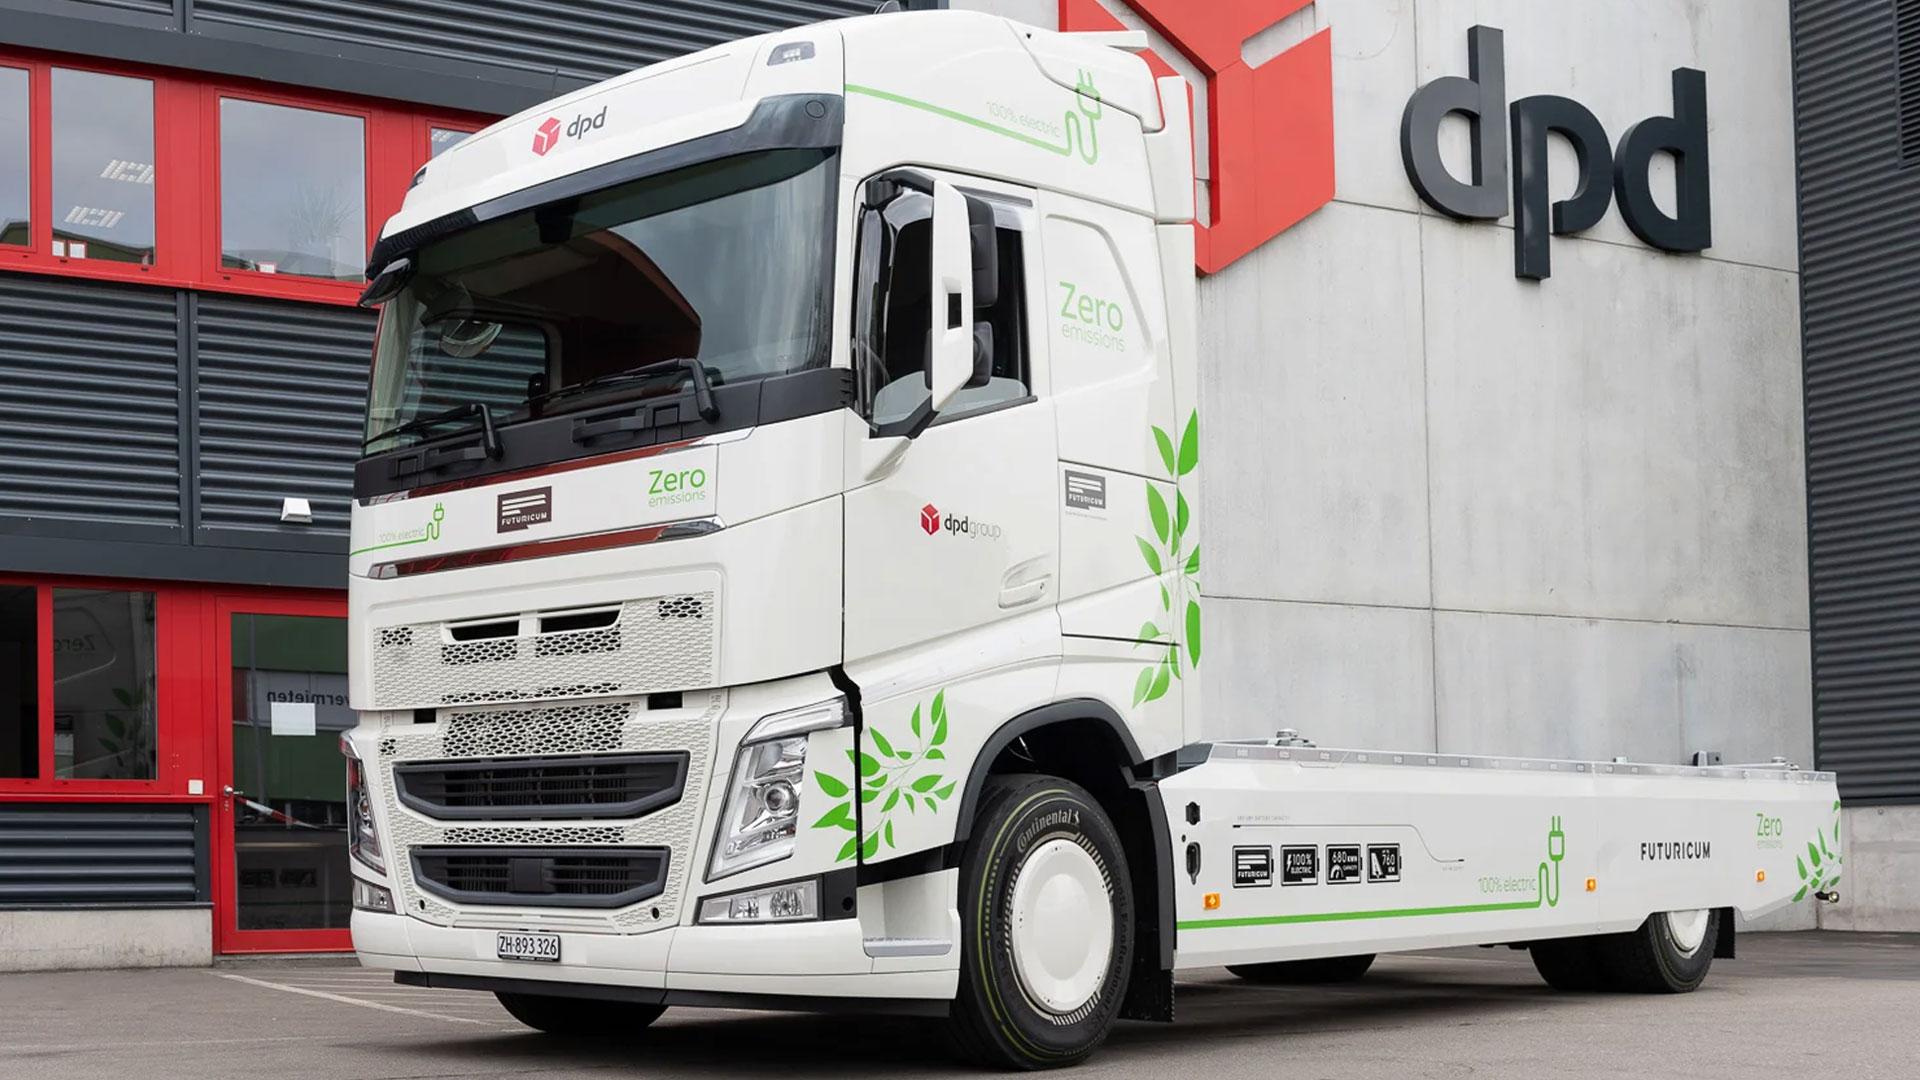 Elektrische vrachtwagen Futuricum